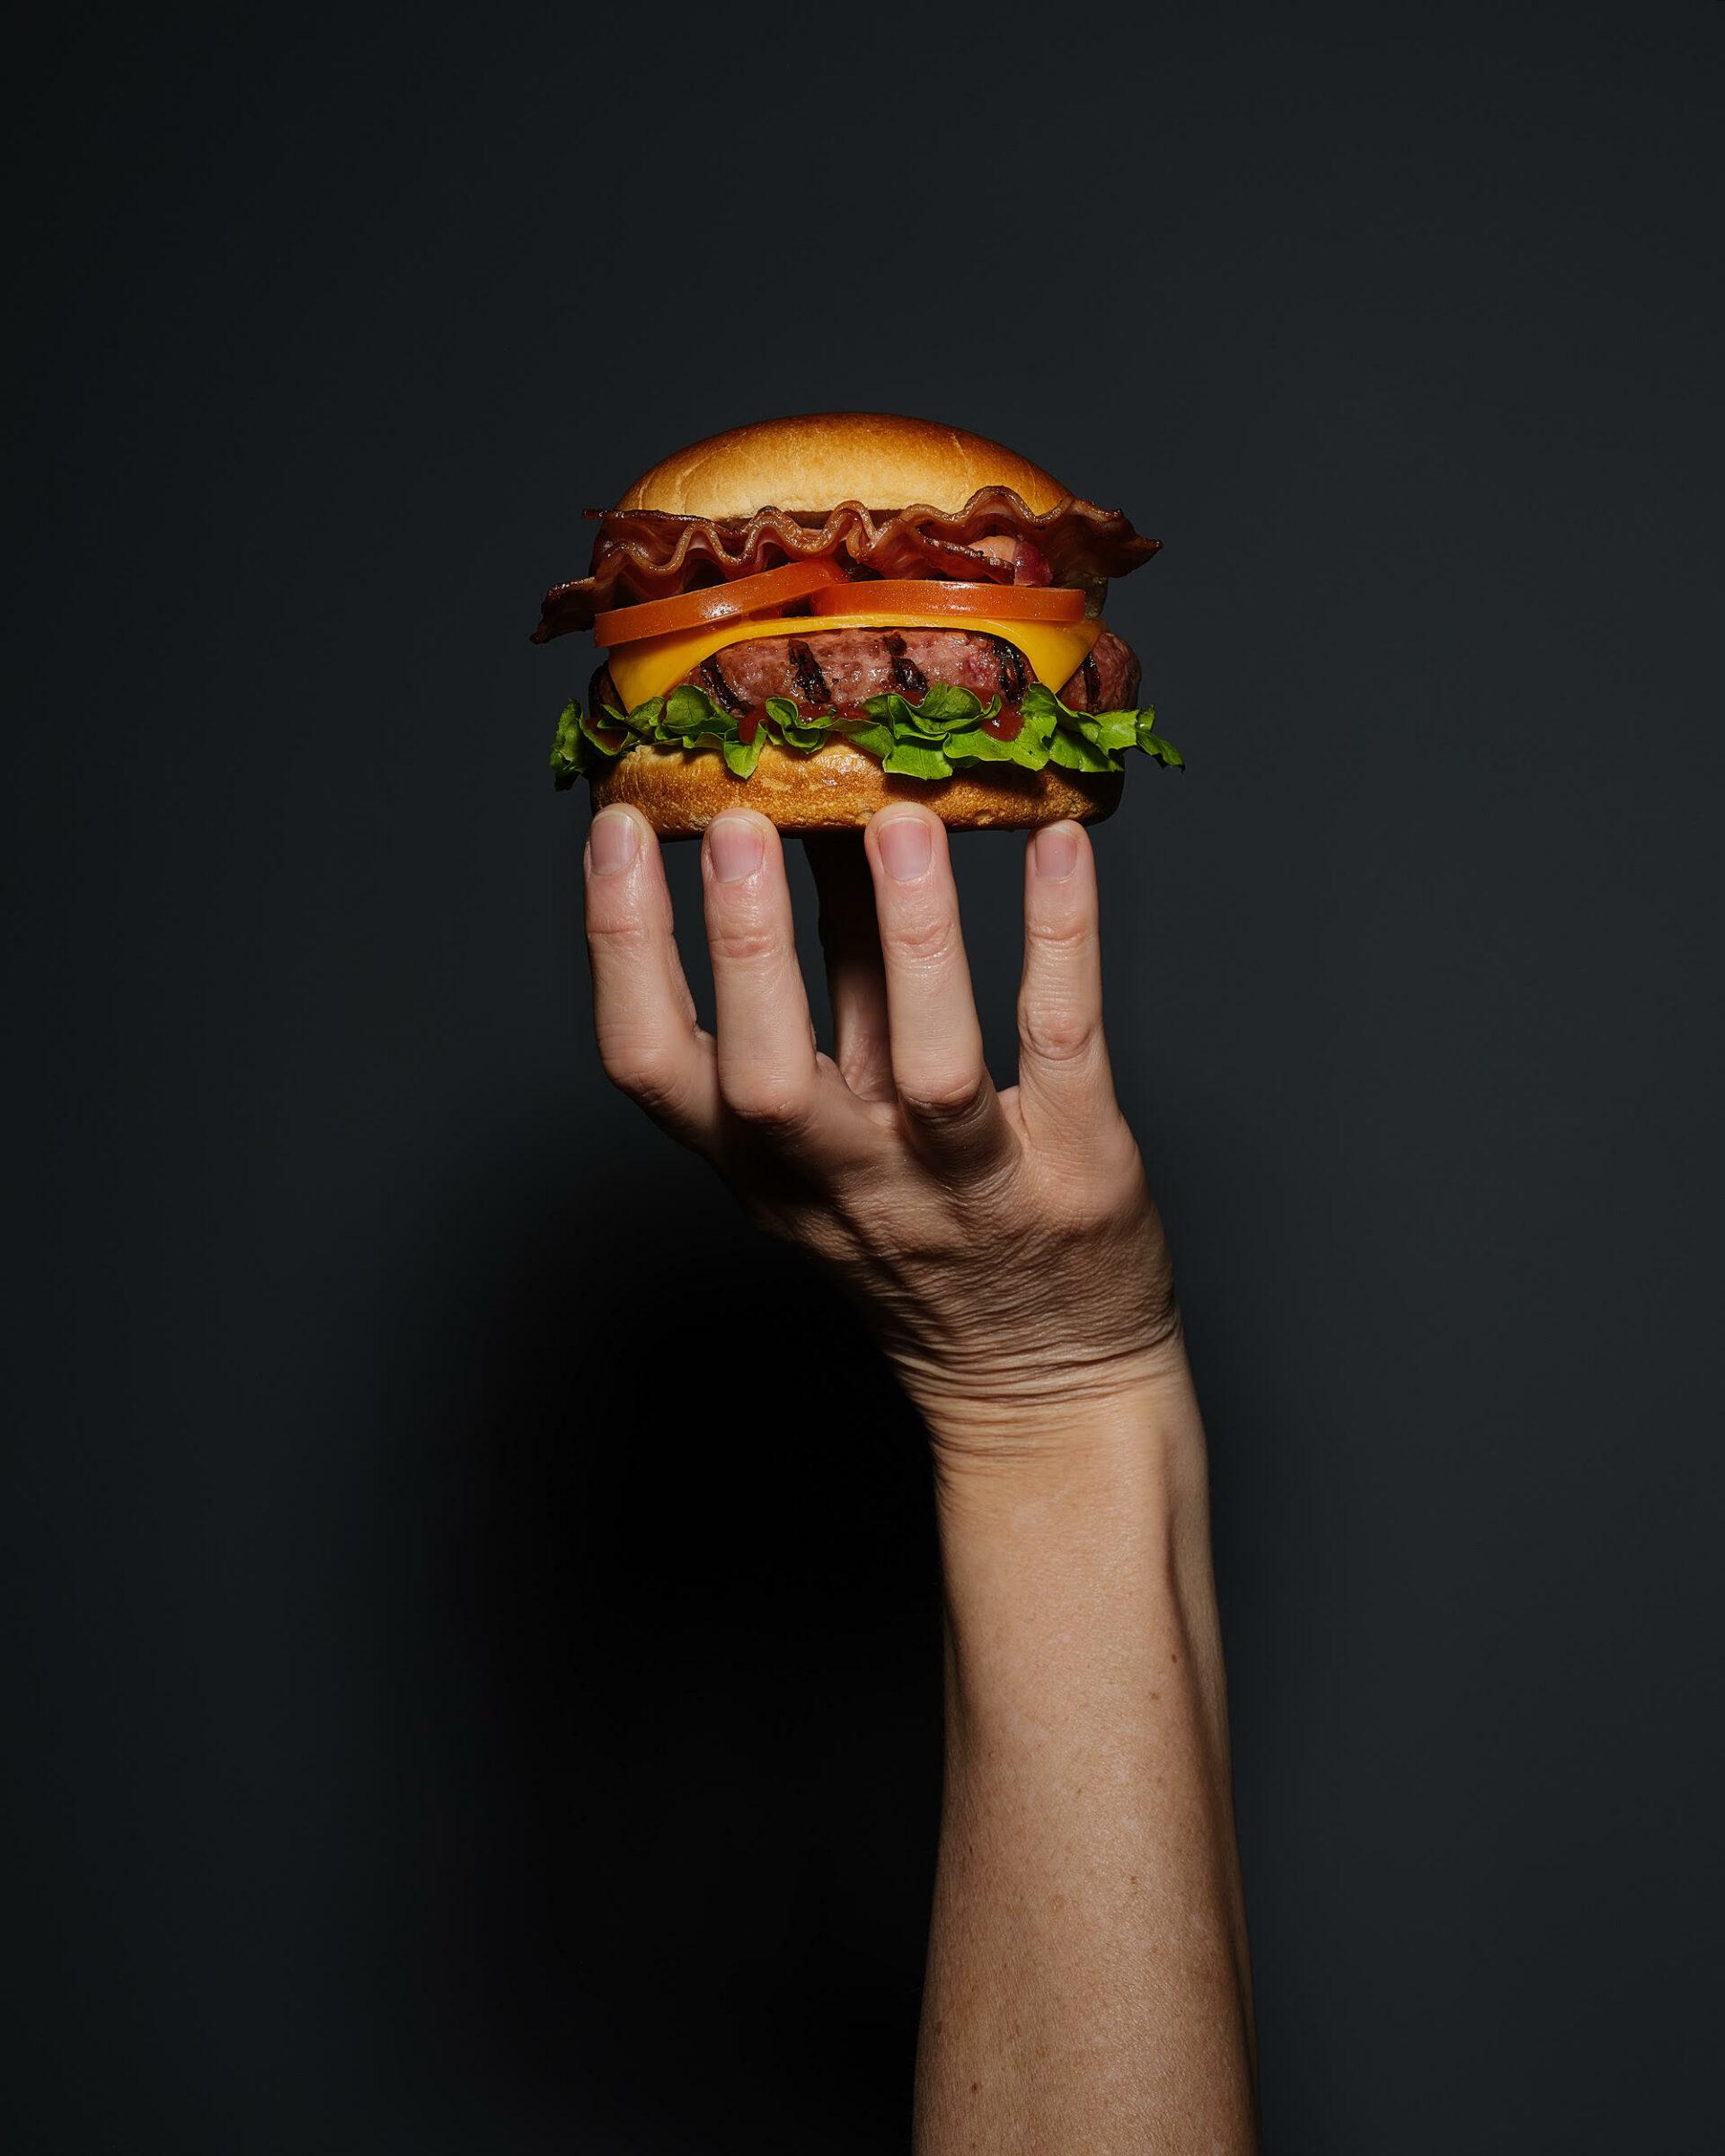 Home economist & food stylist Madrid Burger Foodporn